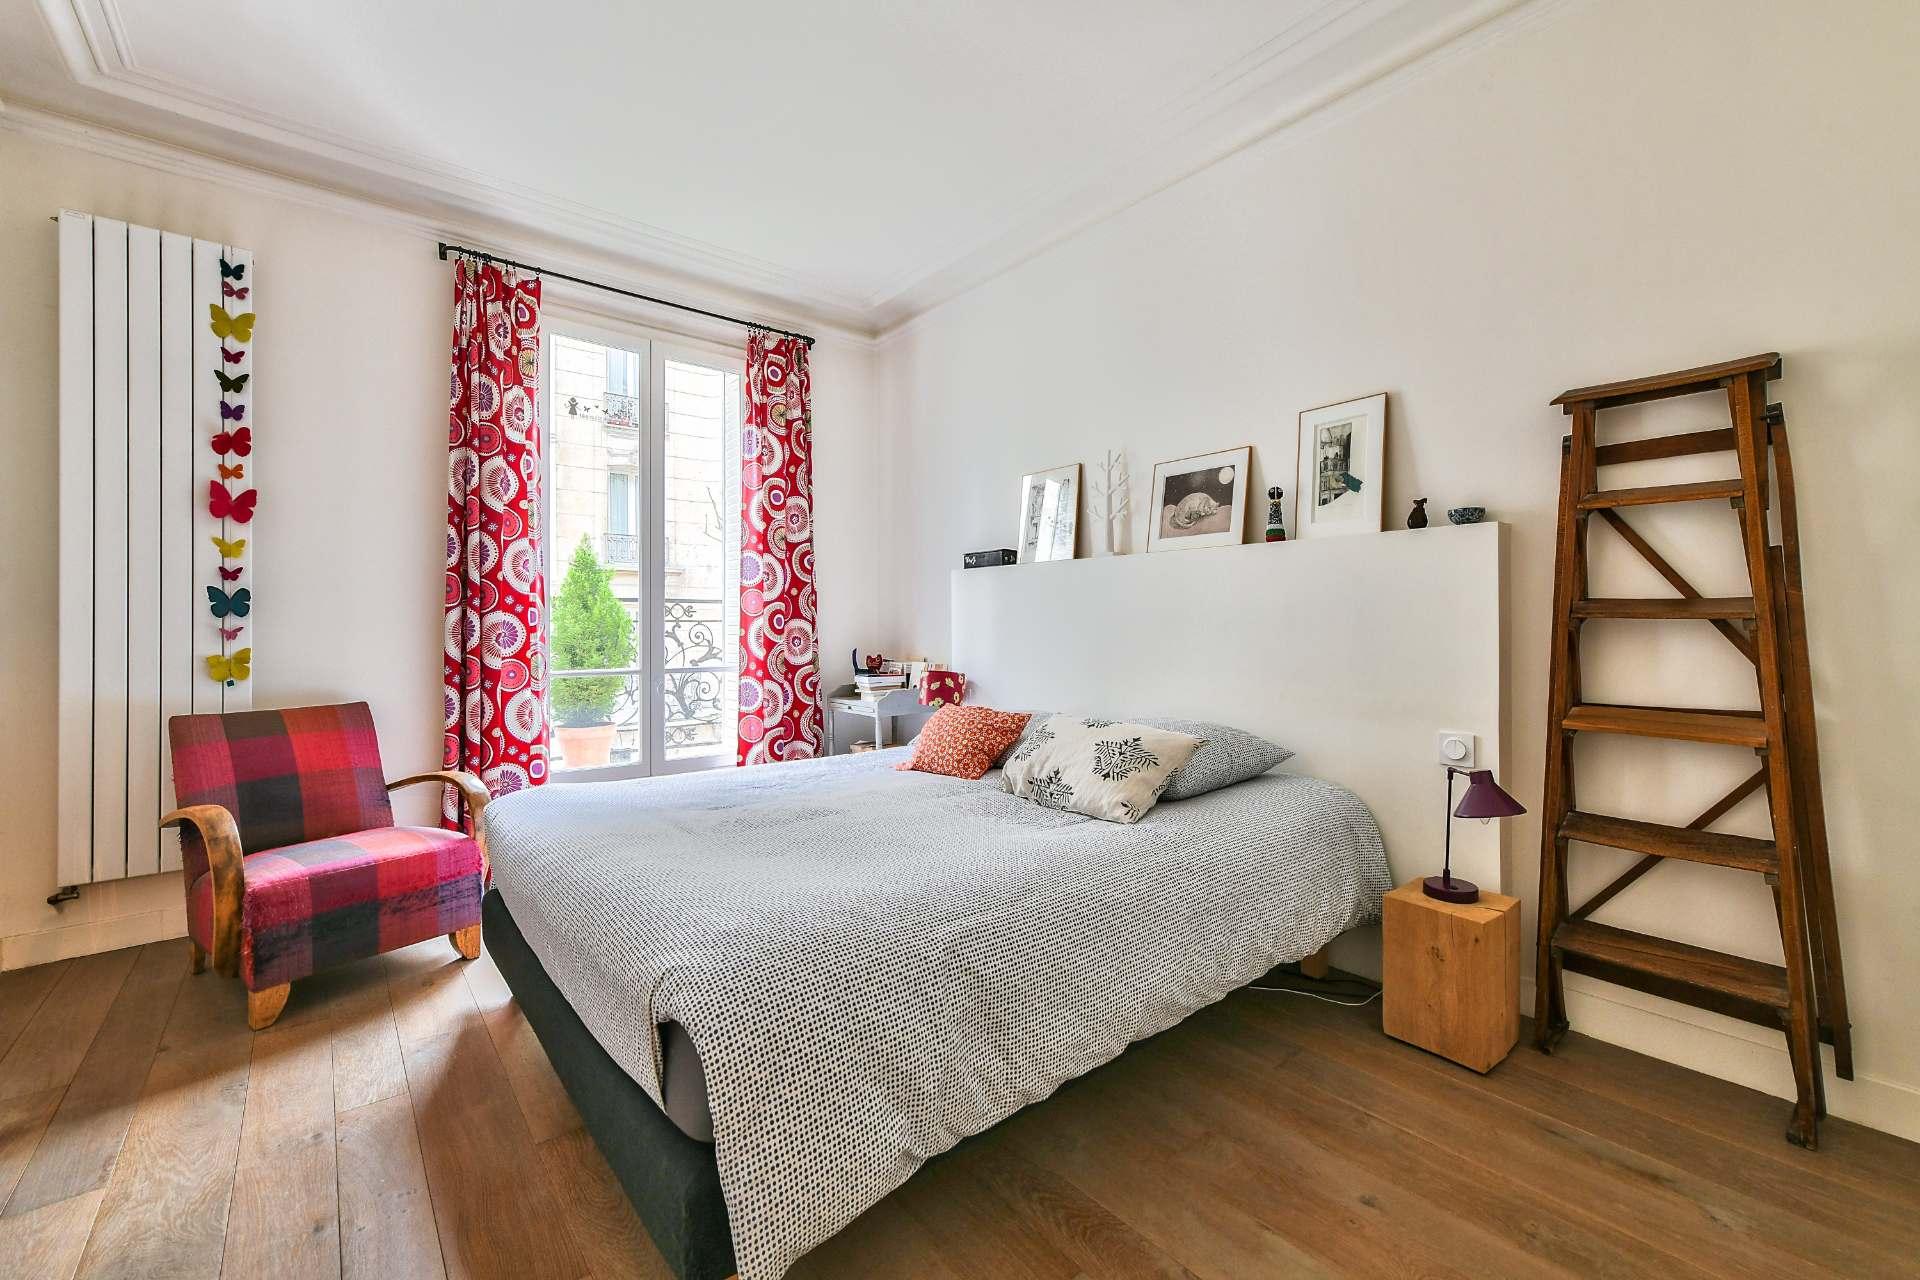 Appartement 3 pièces de 77m2 – Secteur Damrémont – Paris XVIII 6